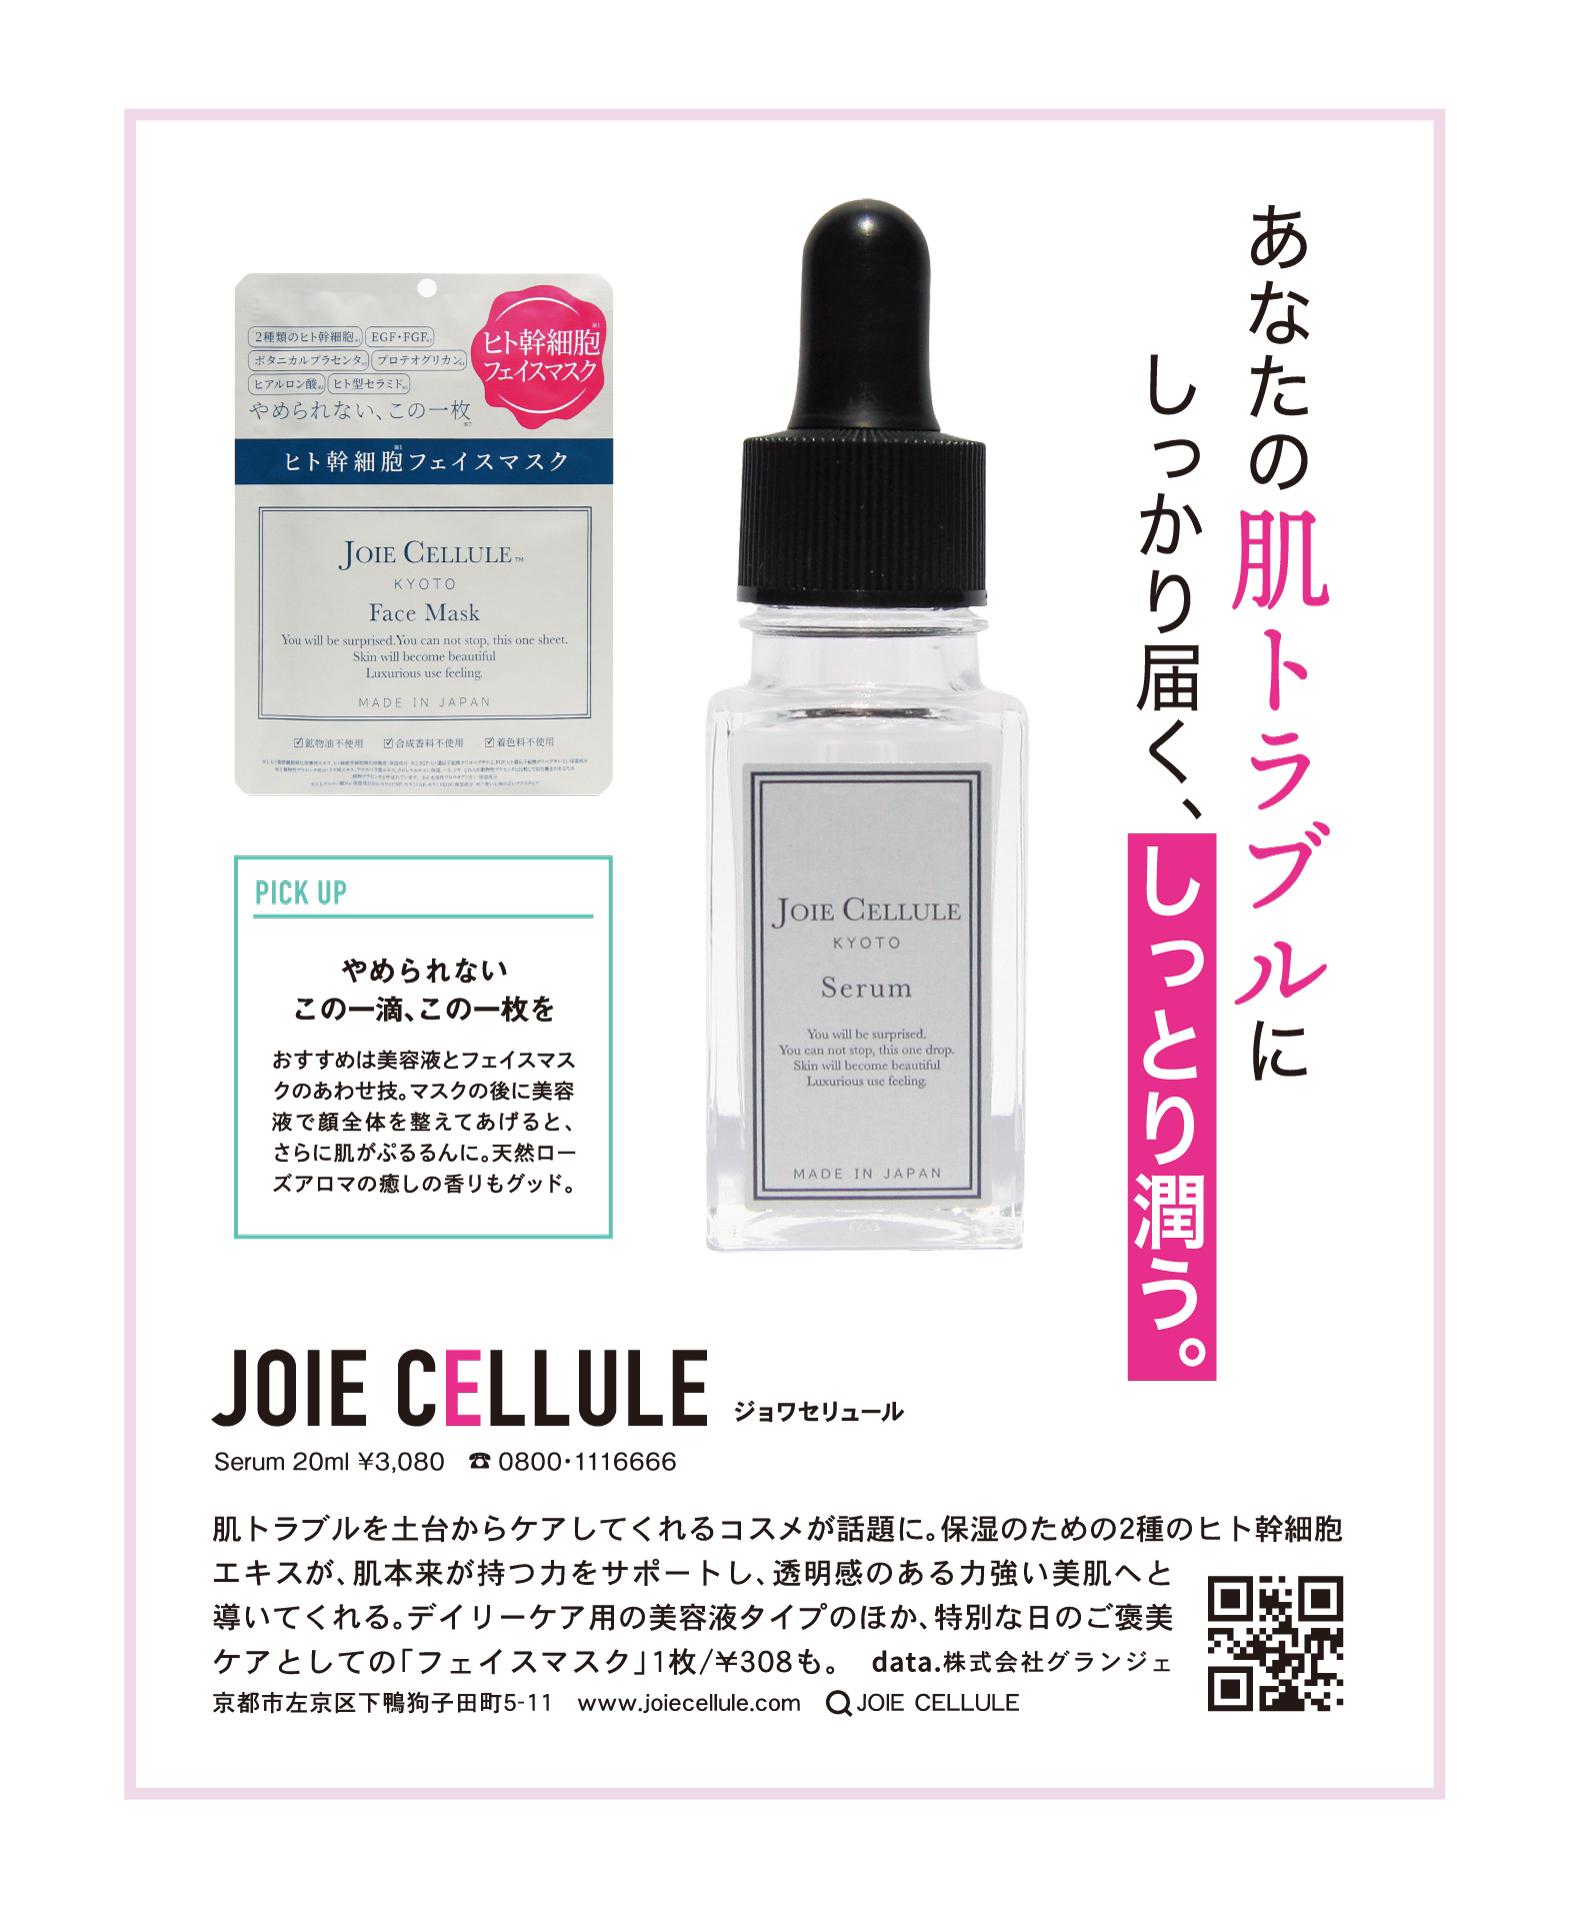 株式会社グランジェが展開するJOIE CELLULE(ジョワセリュール)が雑誌MAQUIA(マキア)に掲載